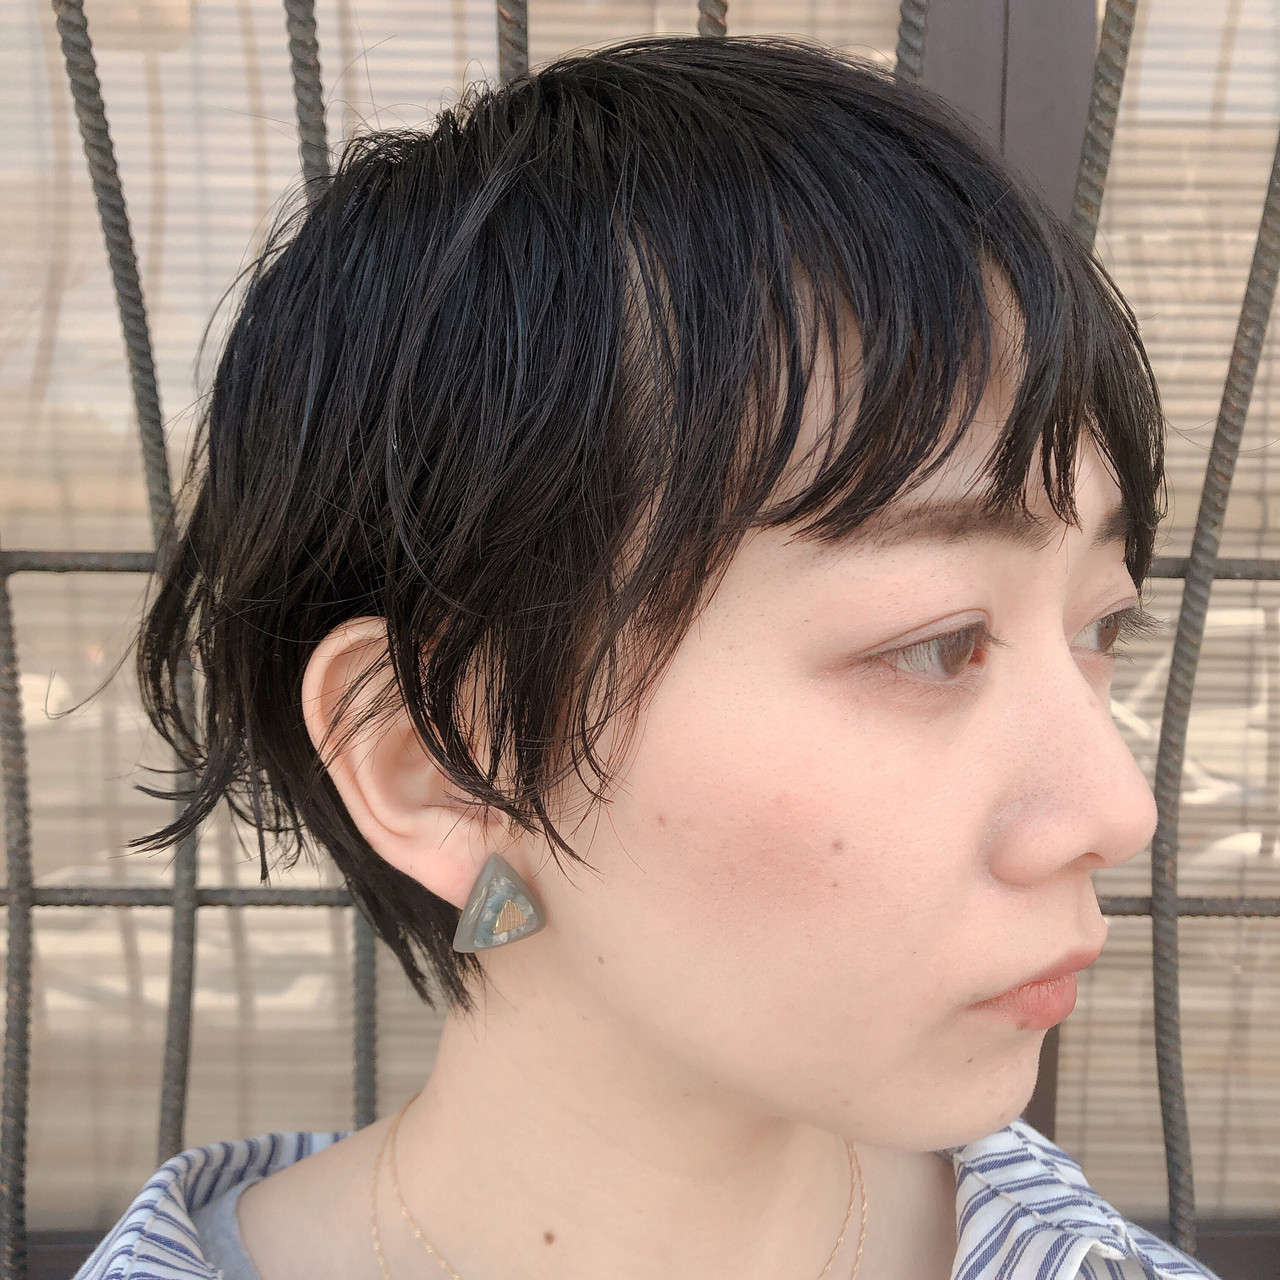 ヘアカット ゆるウェーブ ボブ モード ヘアスタイルや髪型の写真・画像